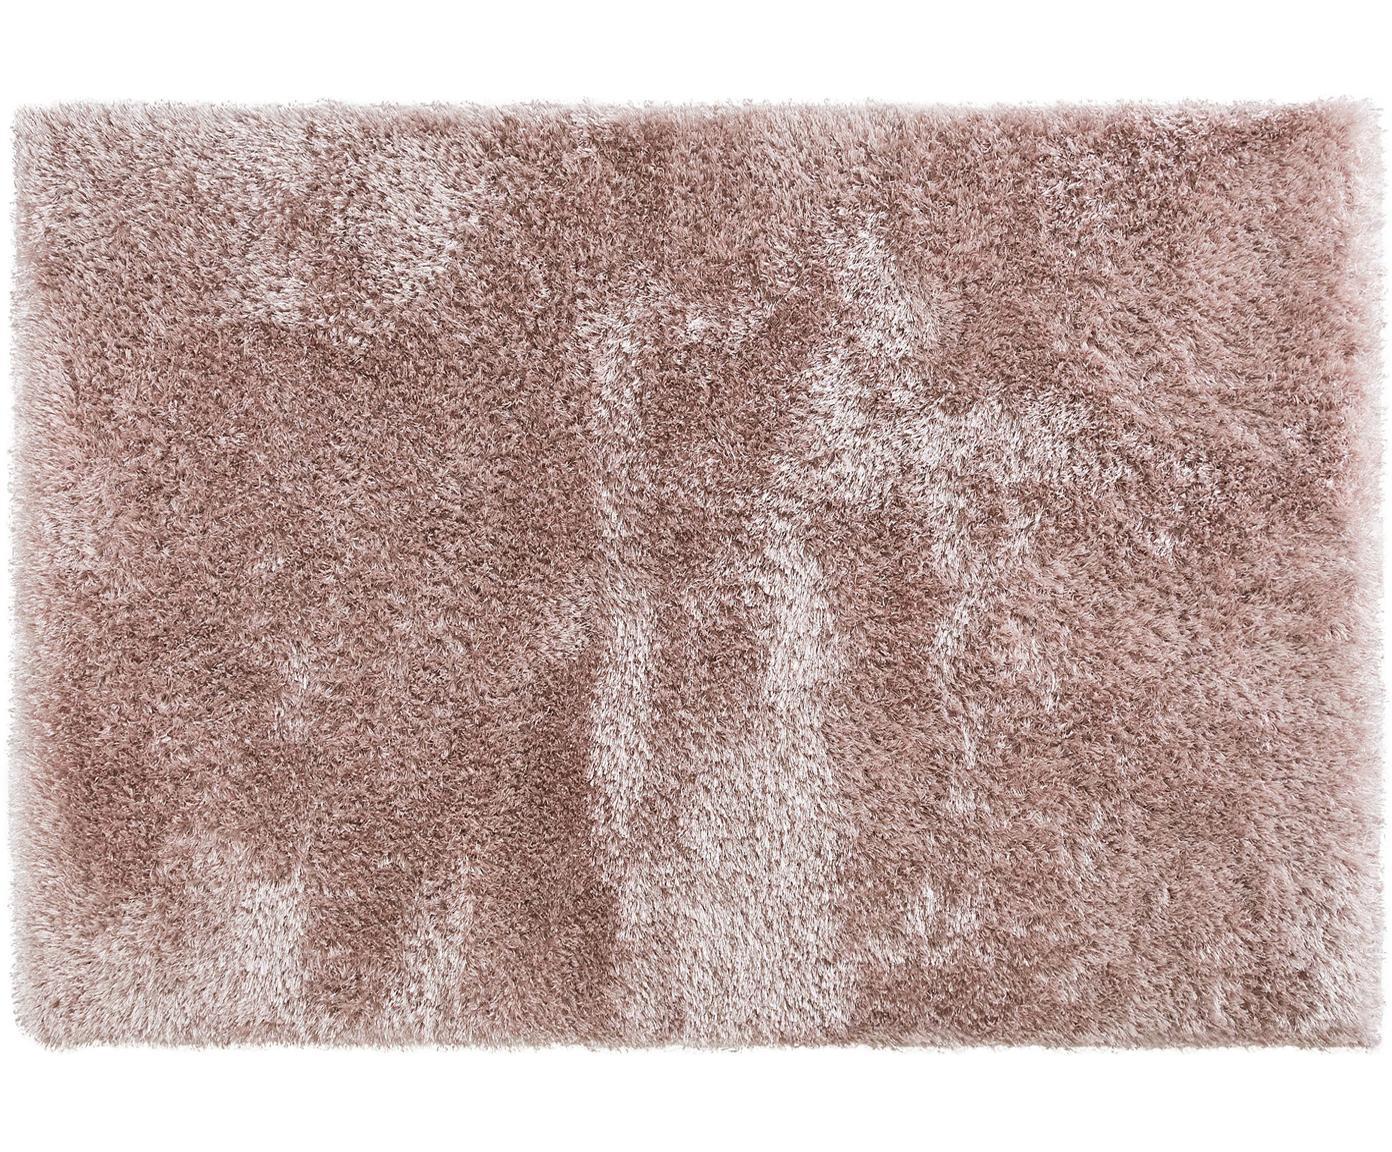 Tappeto a pelo lungo effetto lucido Lea, 50% poliestere, 50% polipropilene, Rosa, Larg. 140 x Lung. 200 cm (taglia S)